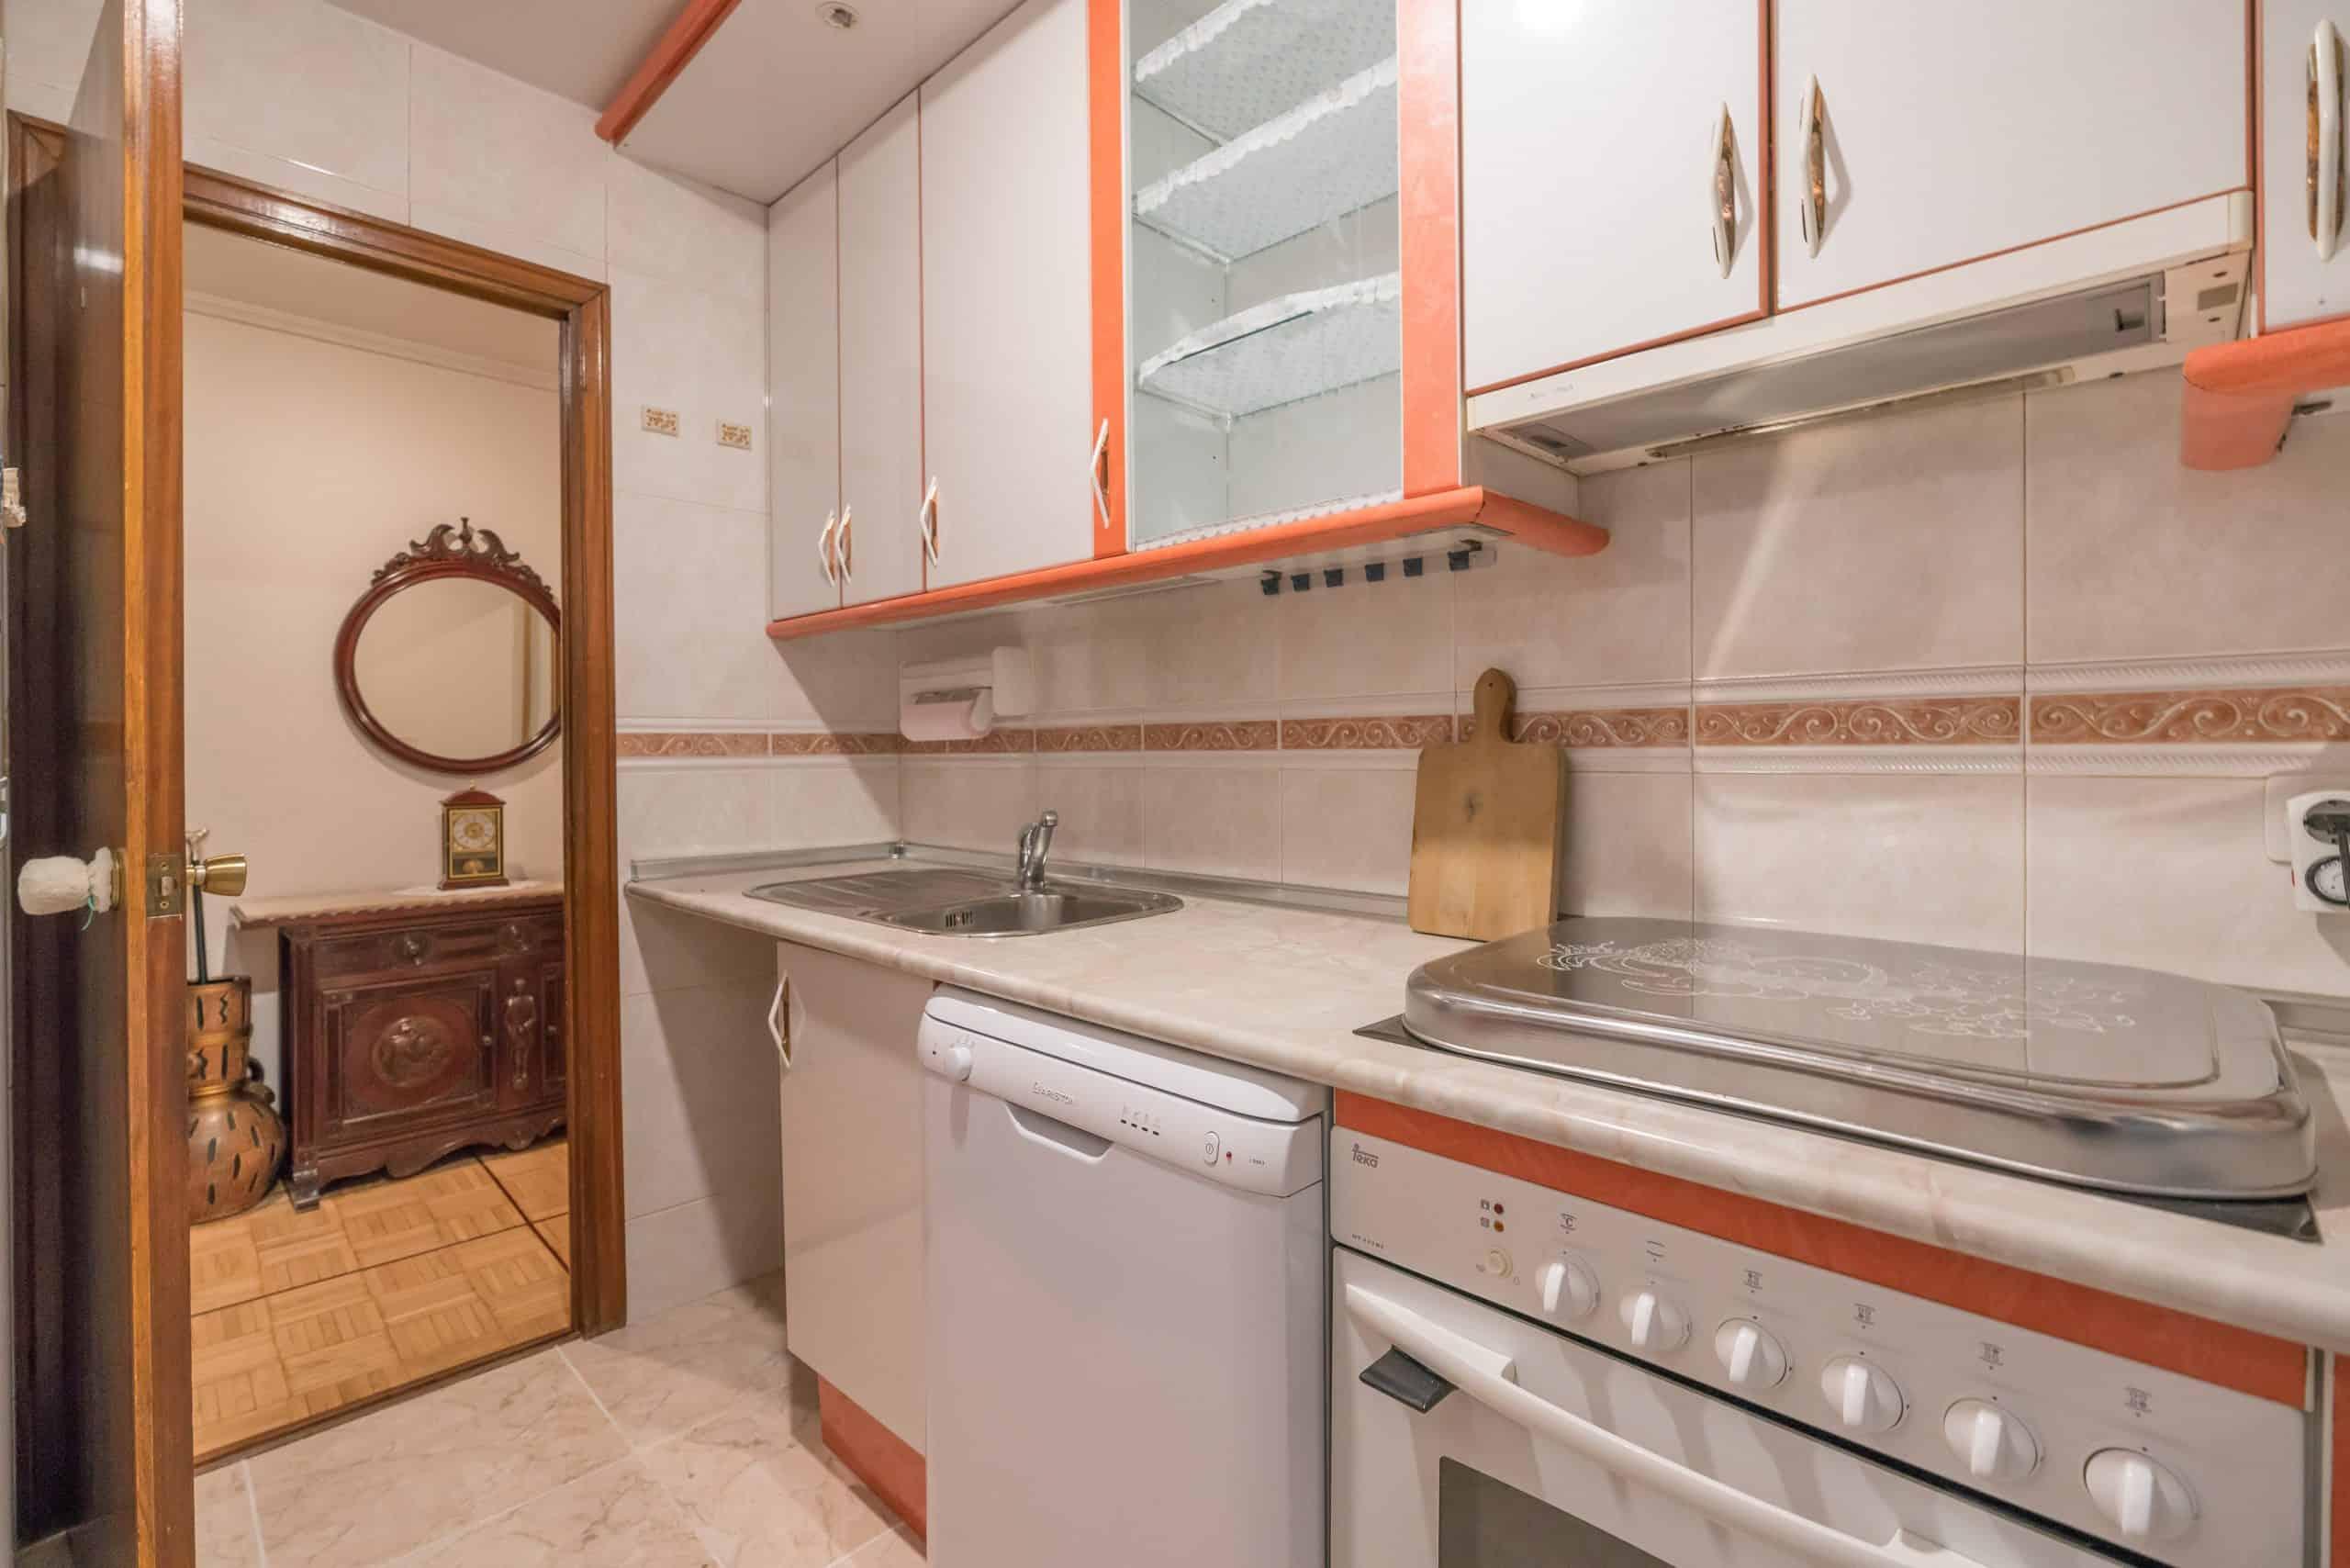 Agencia Inmobiliaria de Madrid-FUTUROCASA-Zona ARGANZUELA-EMBAJADORES-LEGAZPI -calle tomas borras- cocina 2